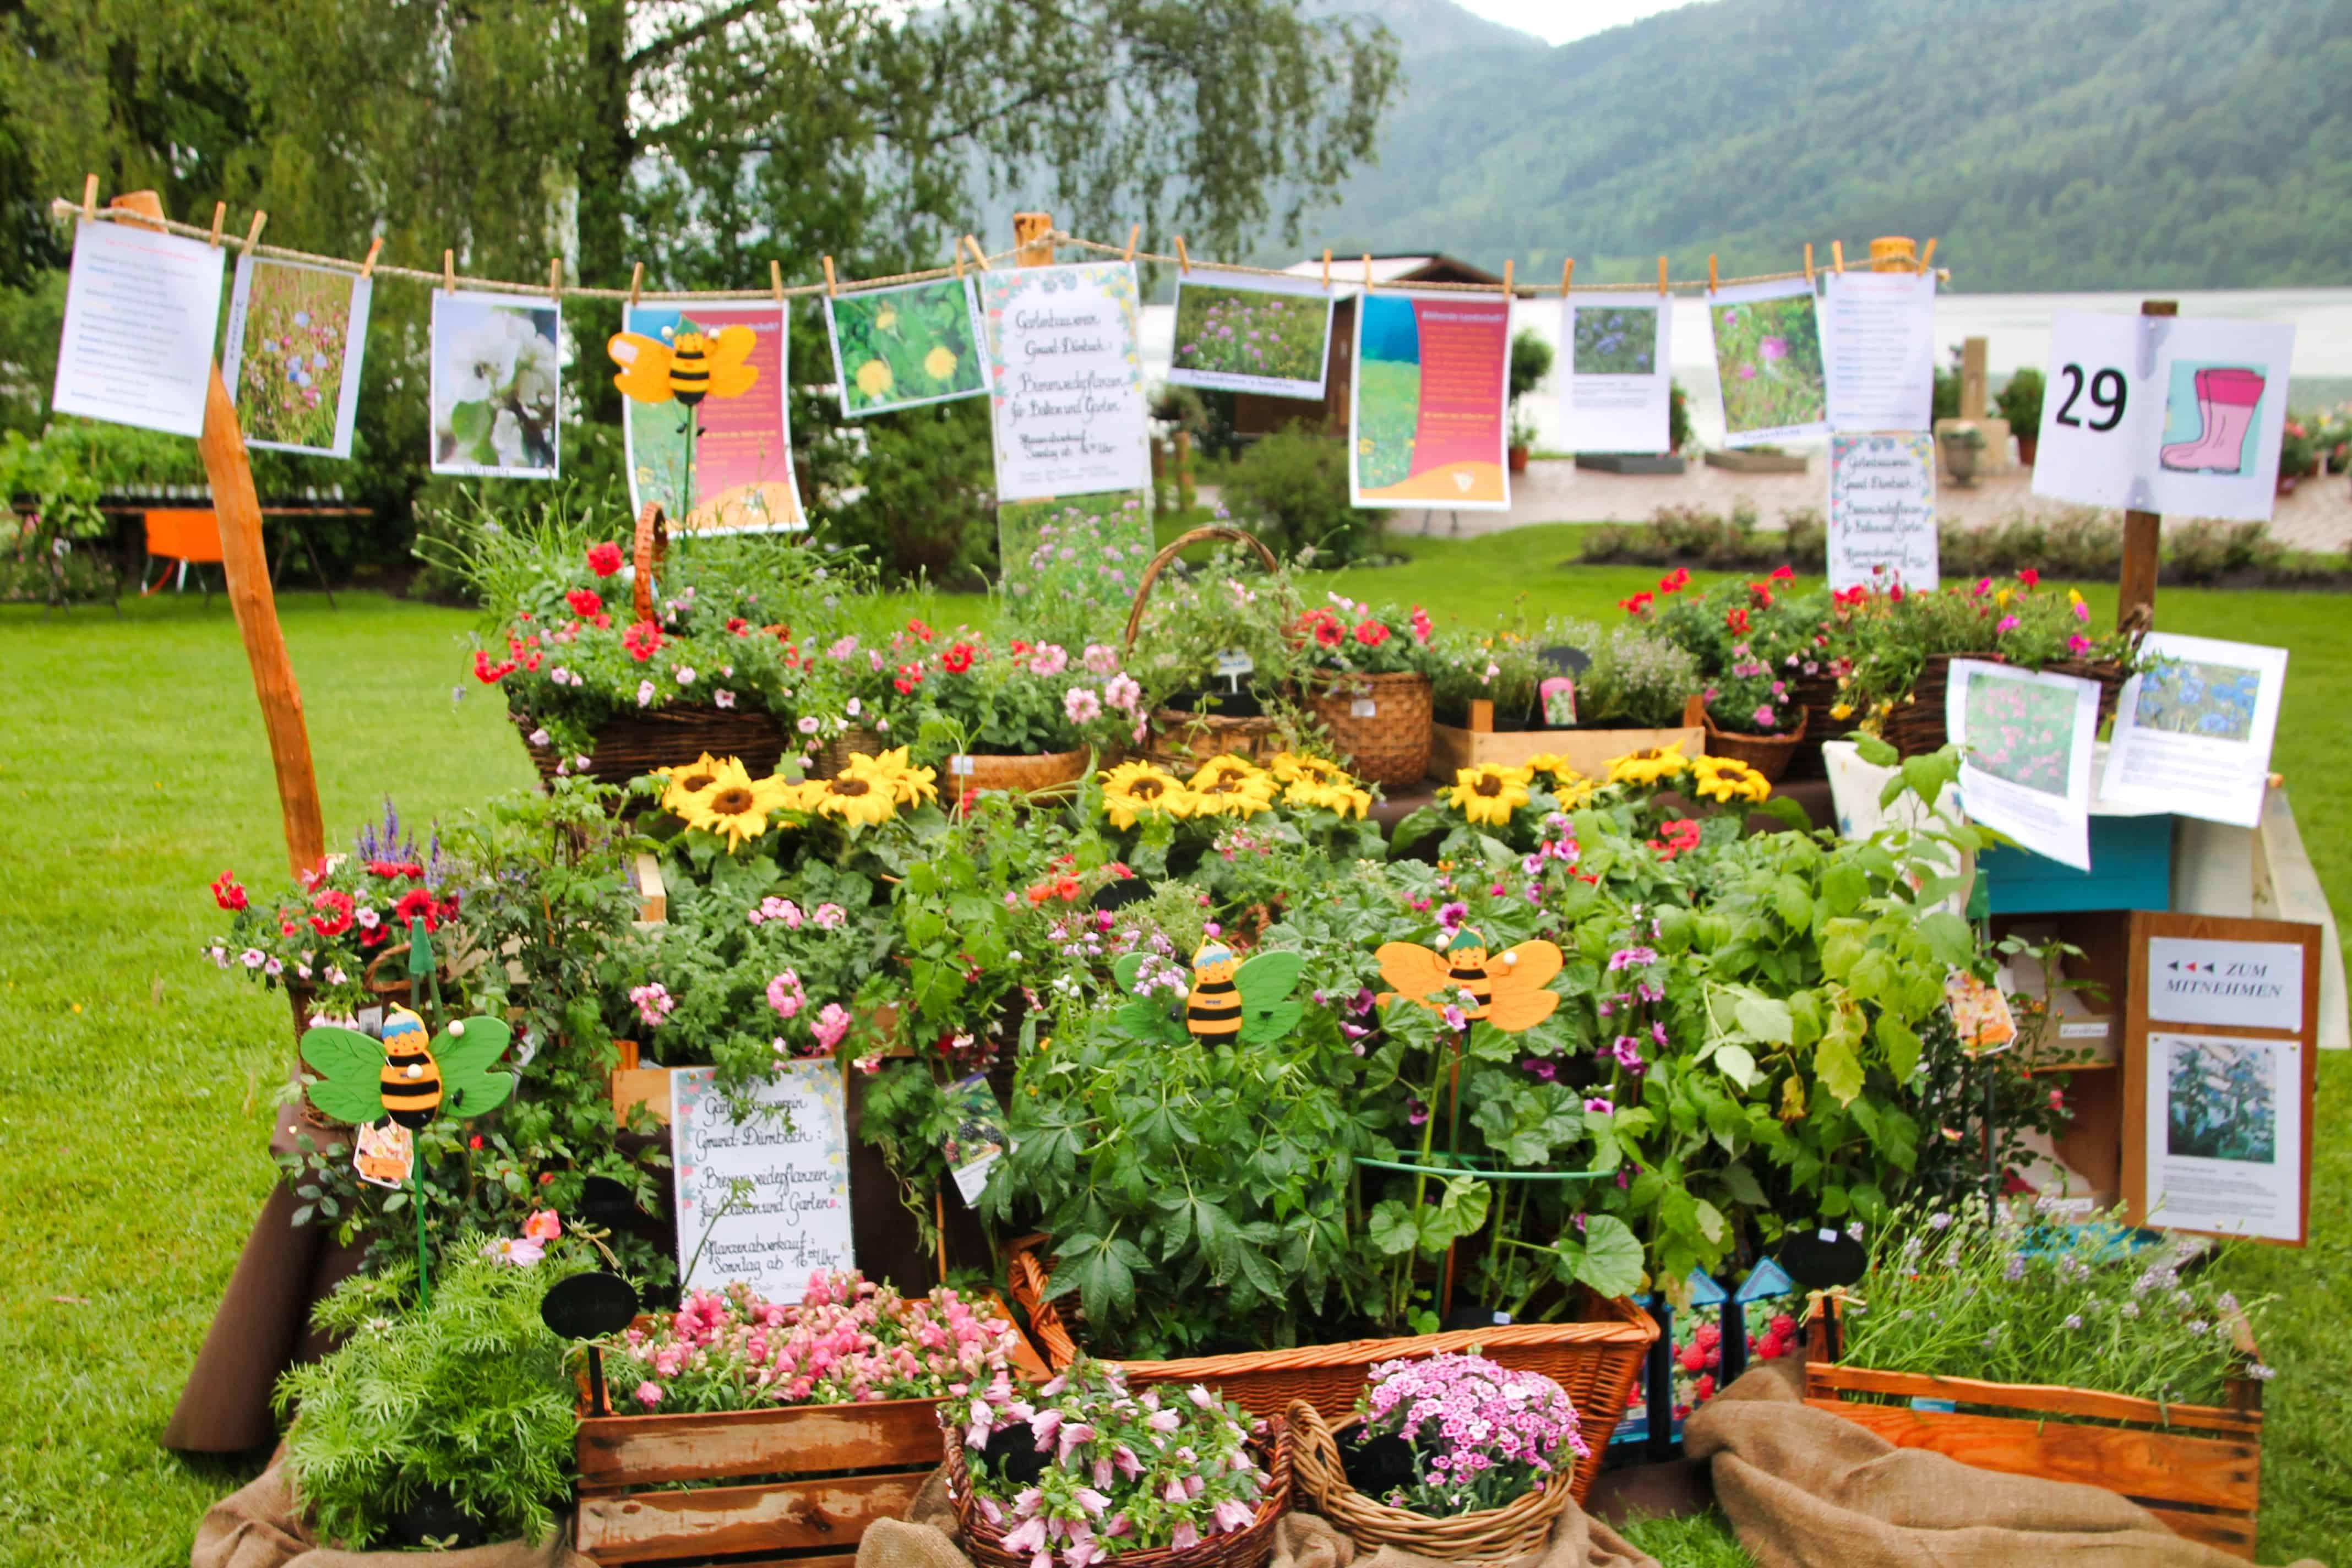 Schlierseer Gartenzauber (35)